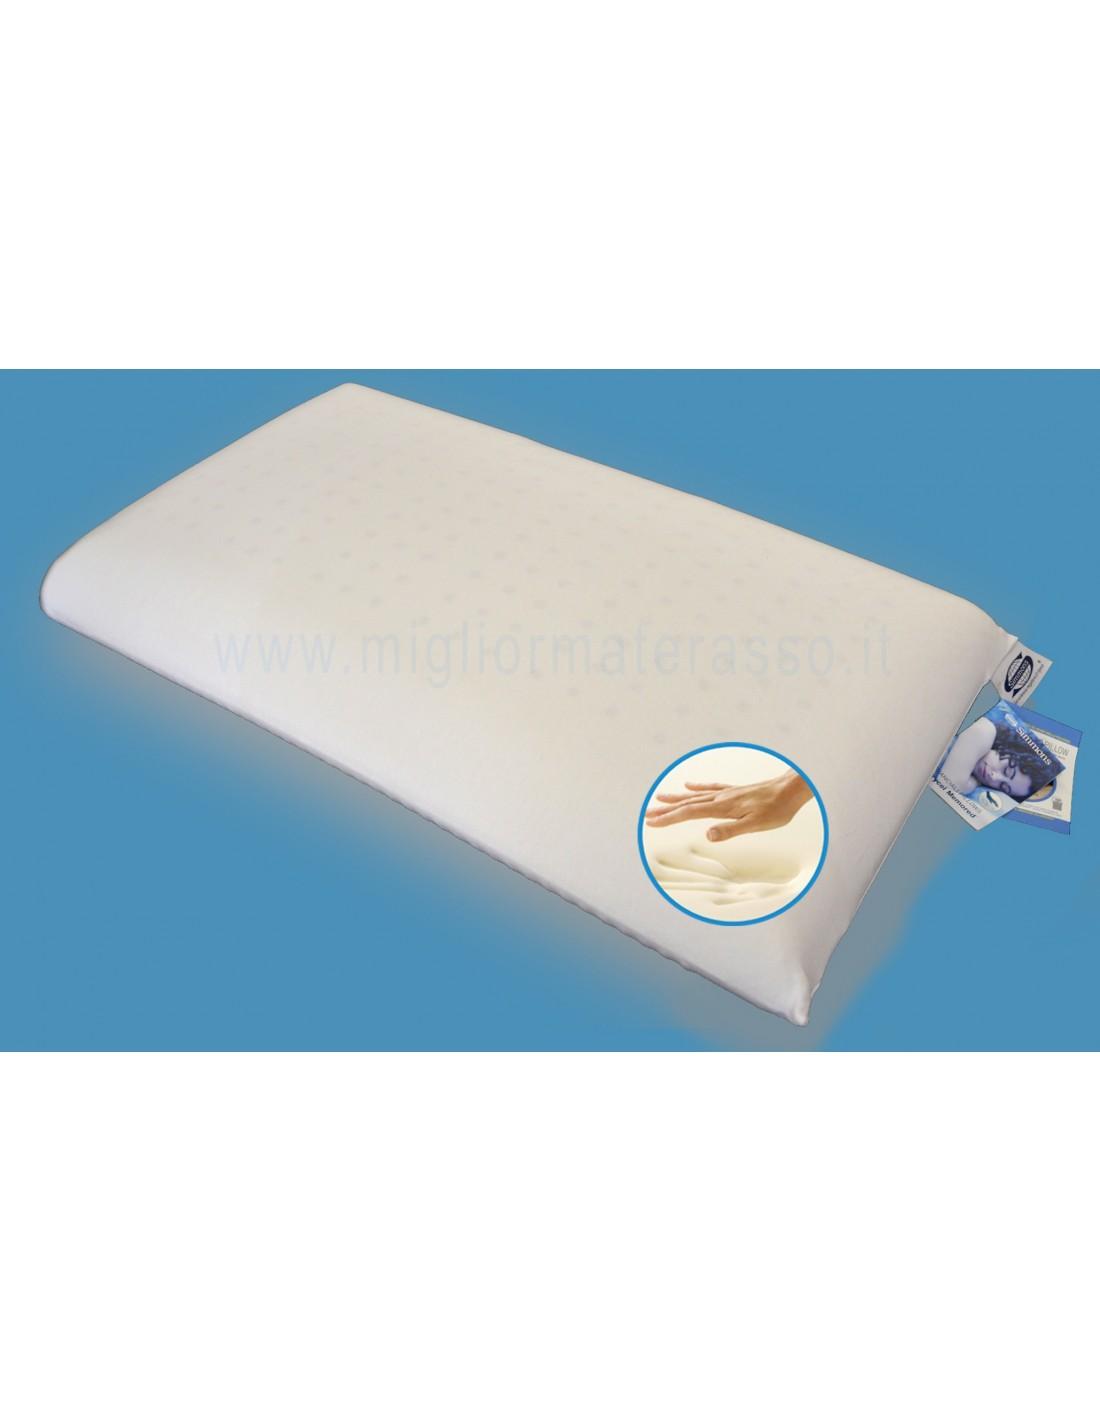 Materassi Pirelli Memory Foam.Pillow Memory Simmons Memoplan